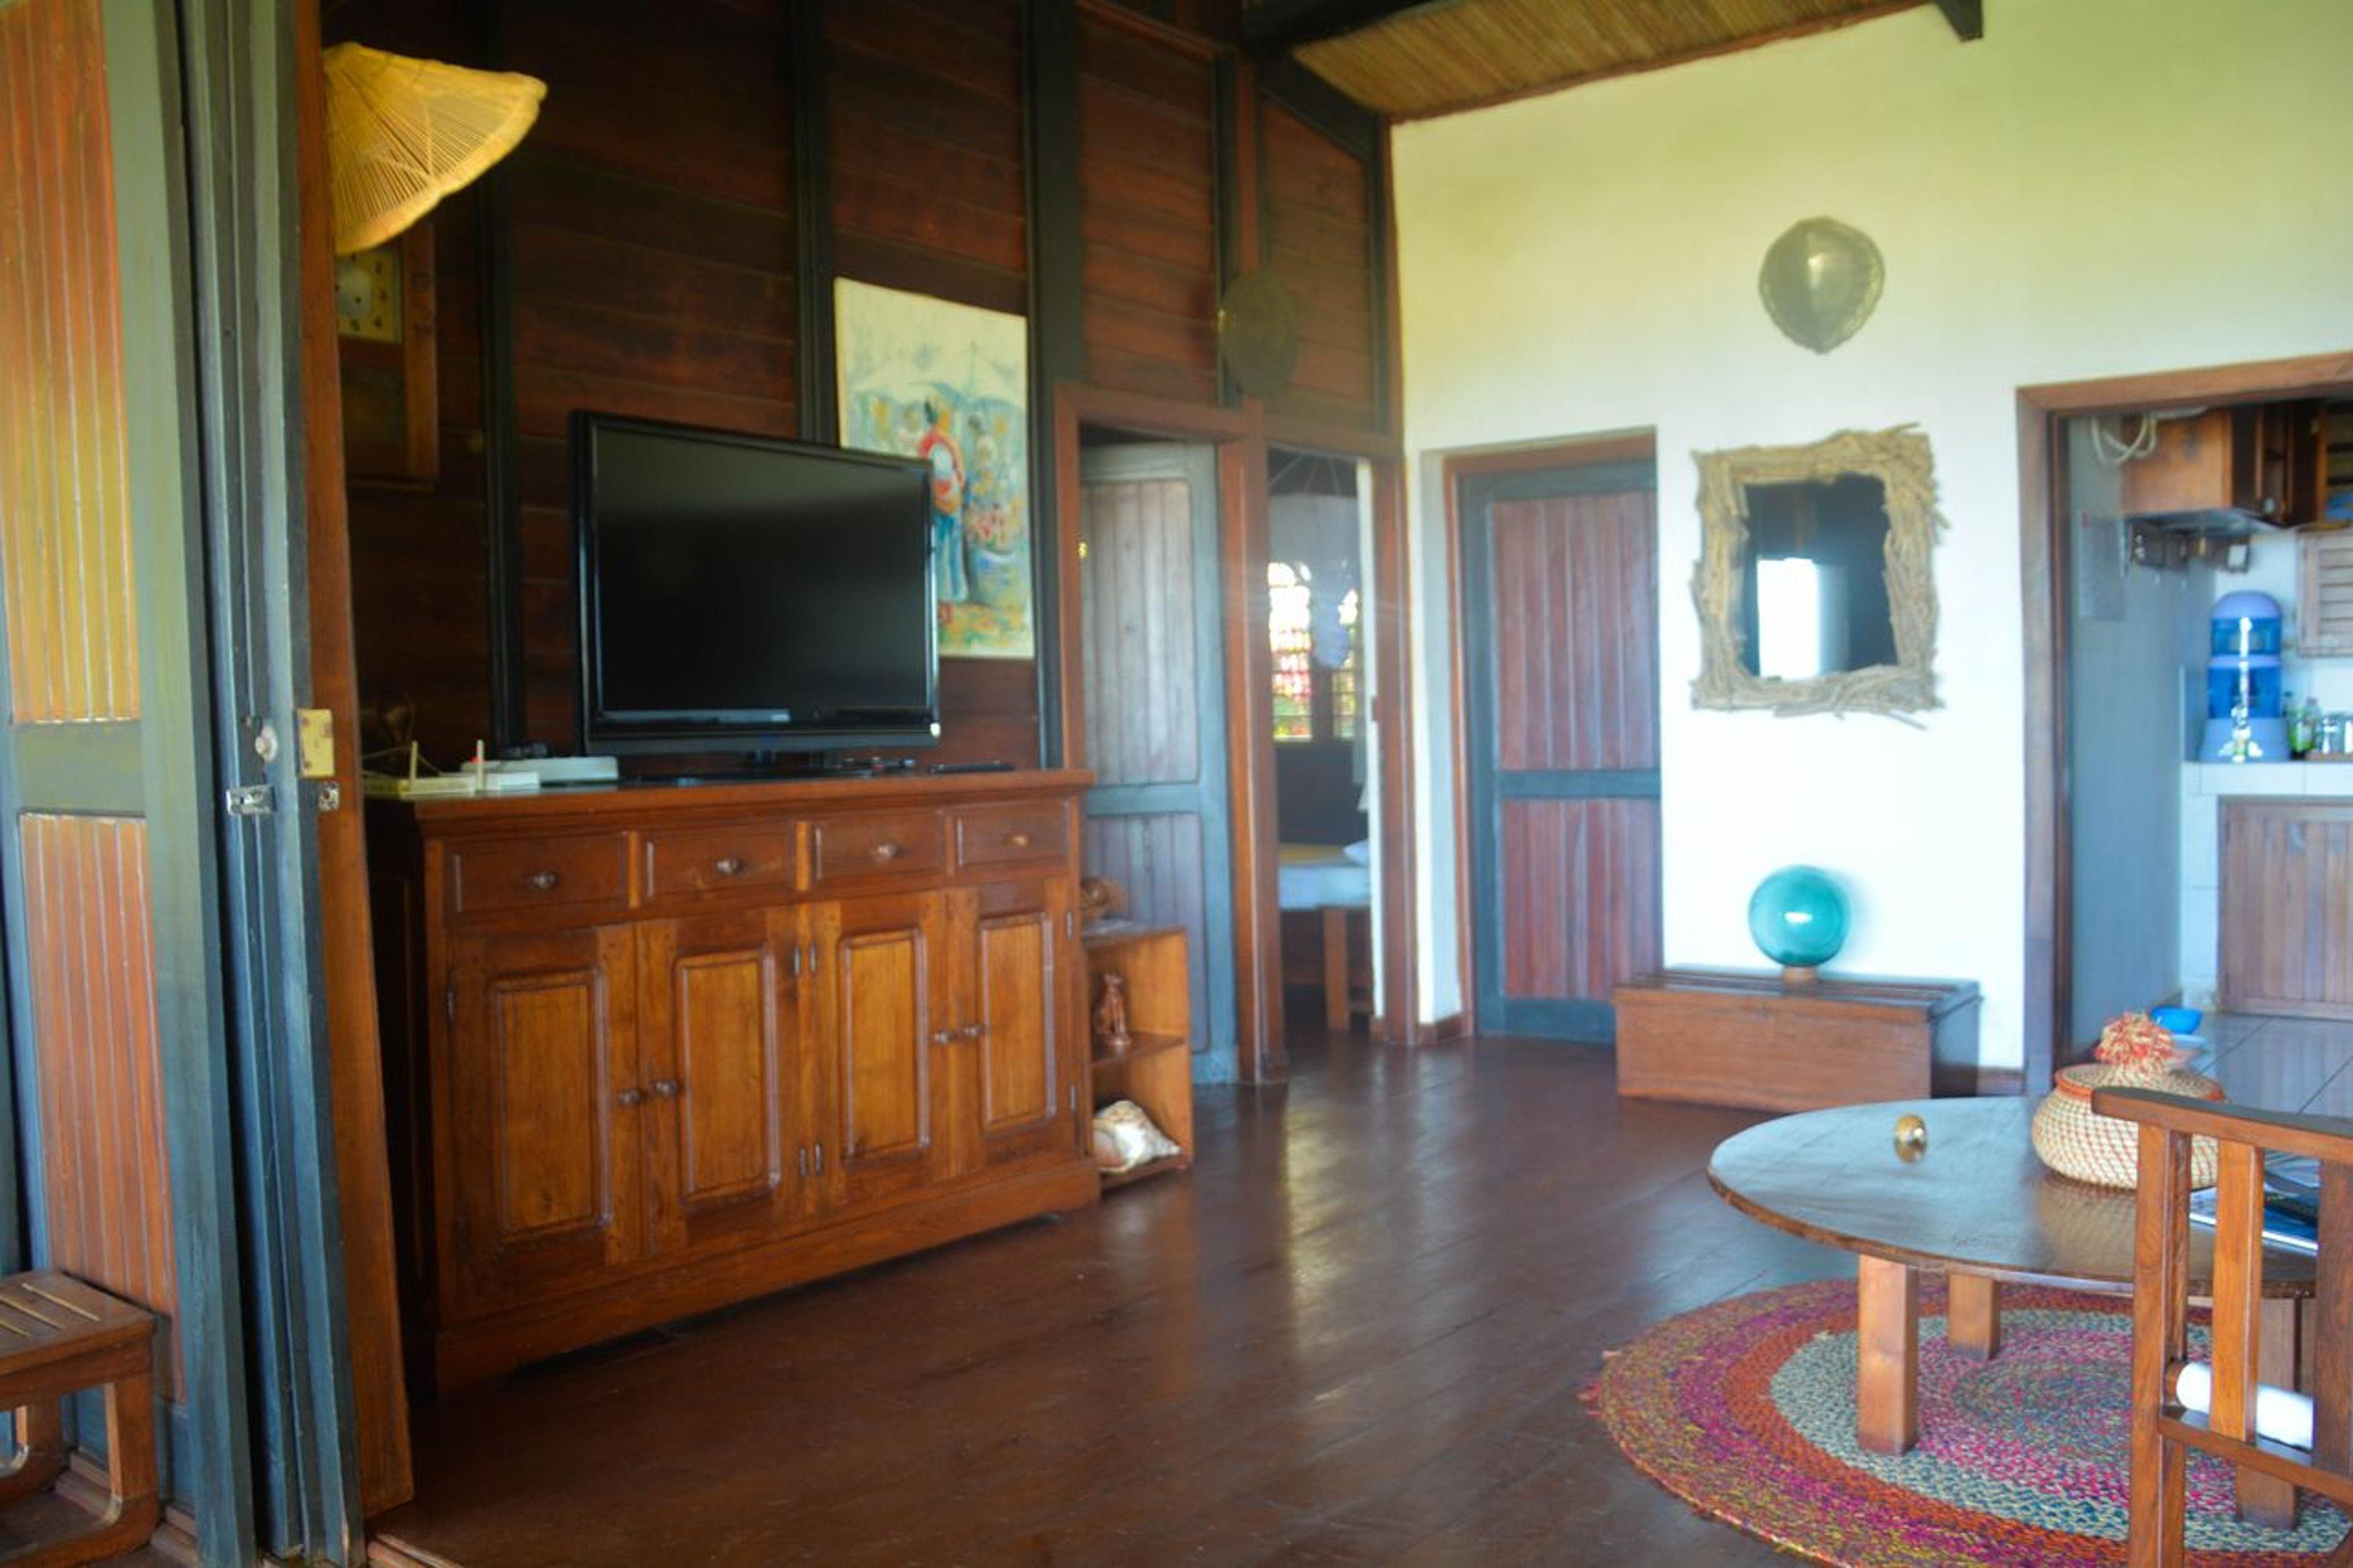 Villa mit 3 Schlafzimmern in Nosy Be mit herrliche Villa auf Madagaskar